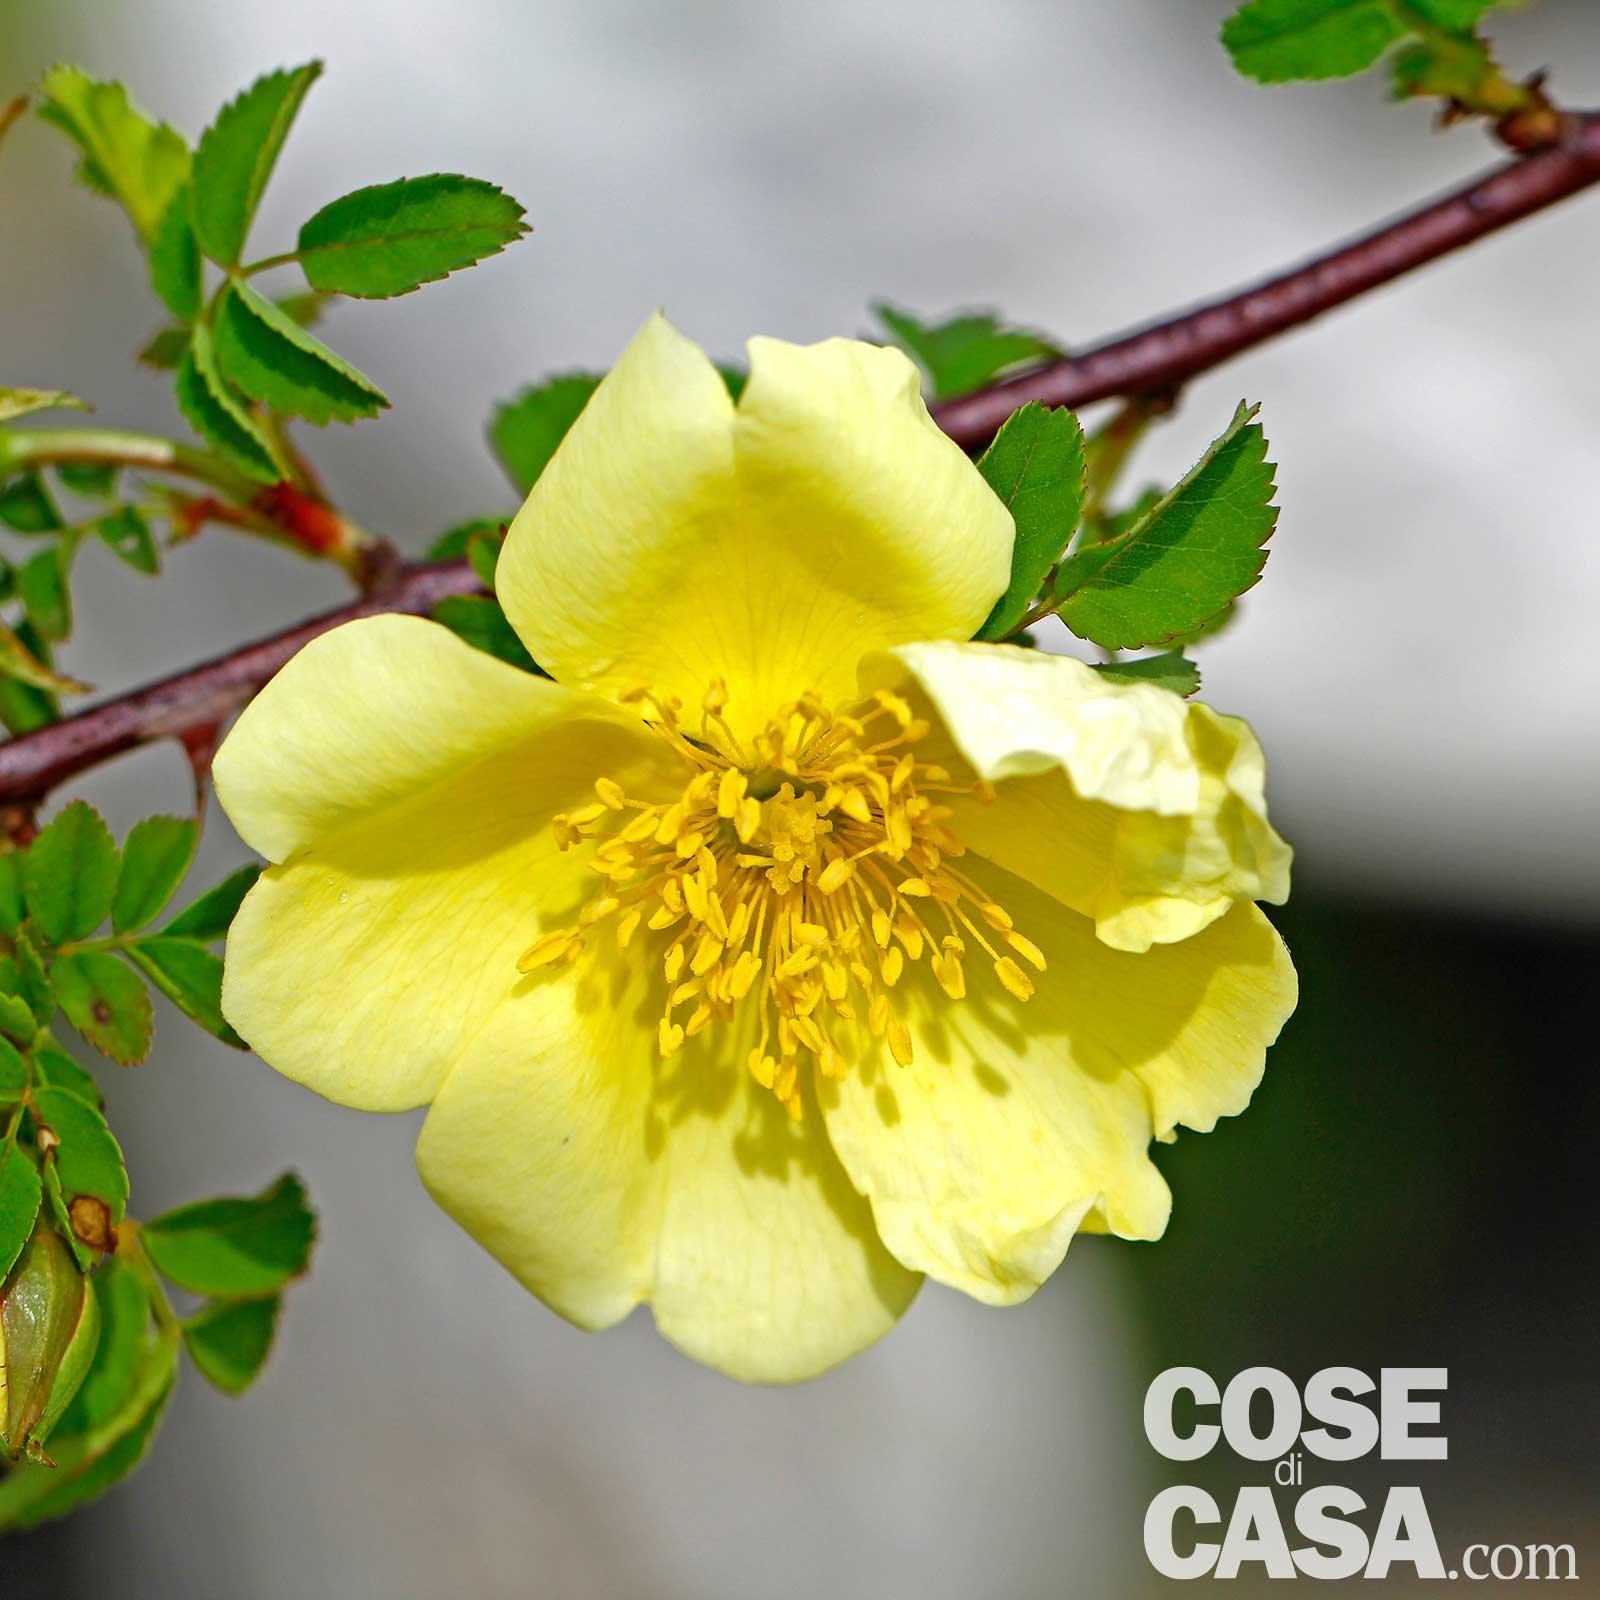 Coltivare Fiori Da Recidere nove rose bellissime: elenco specie e descrizione - cose di casa